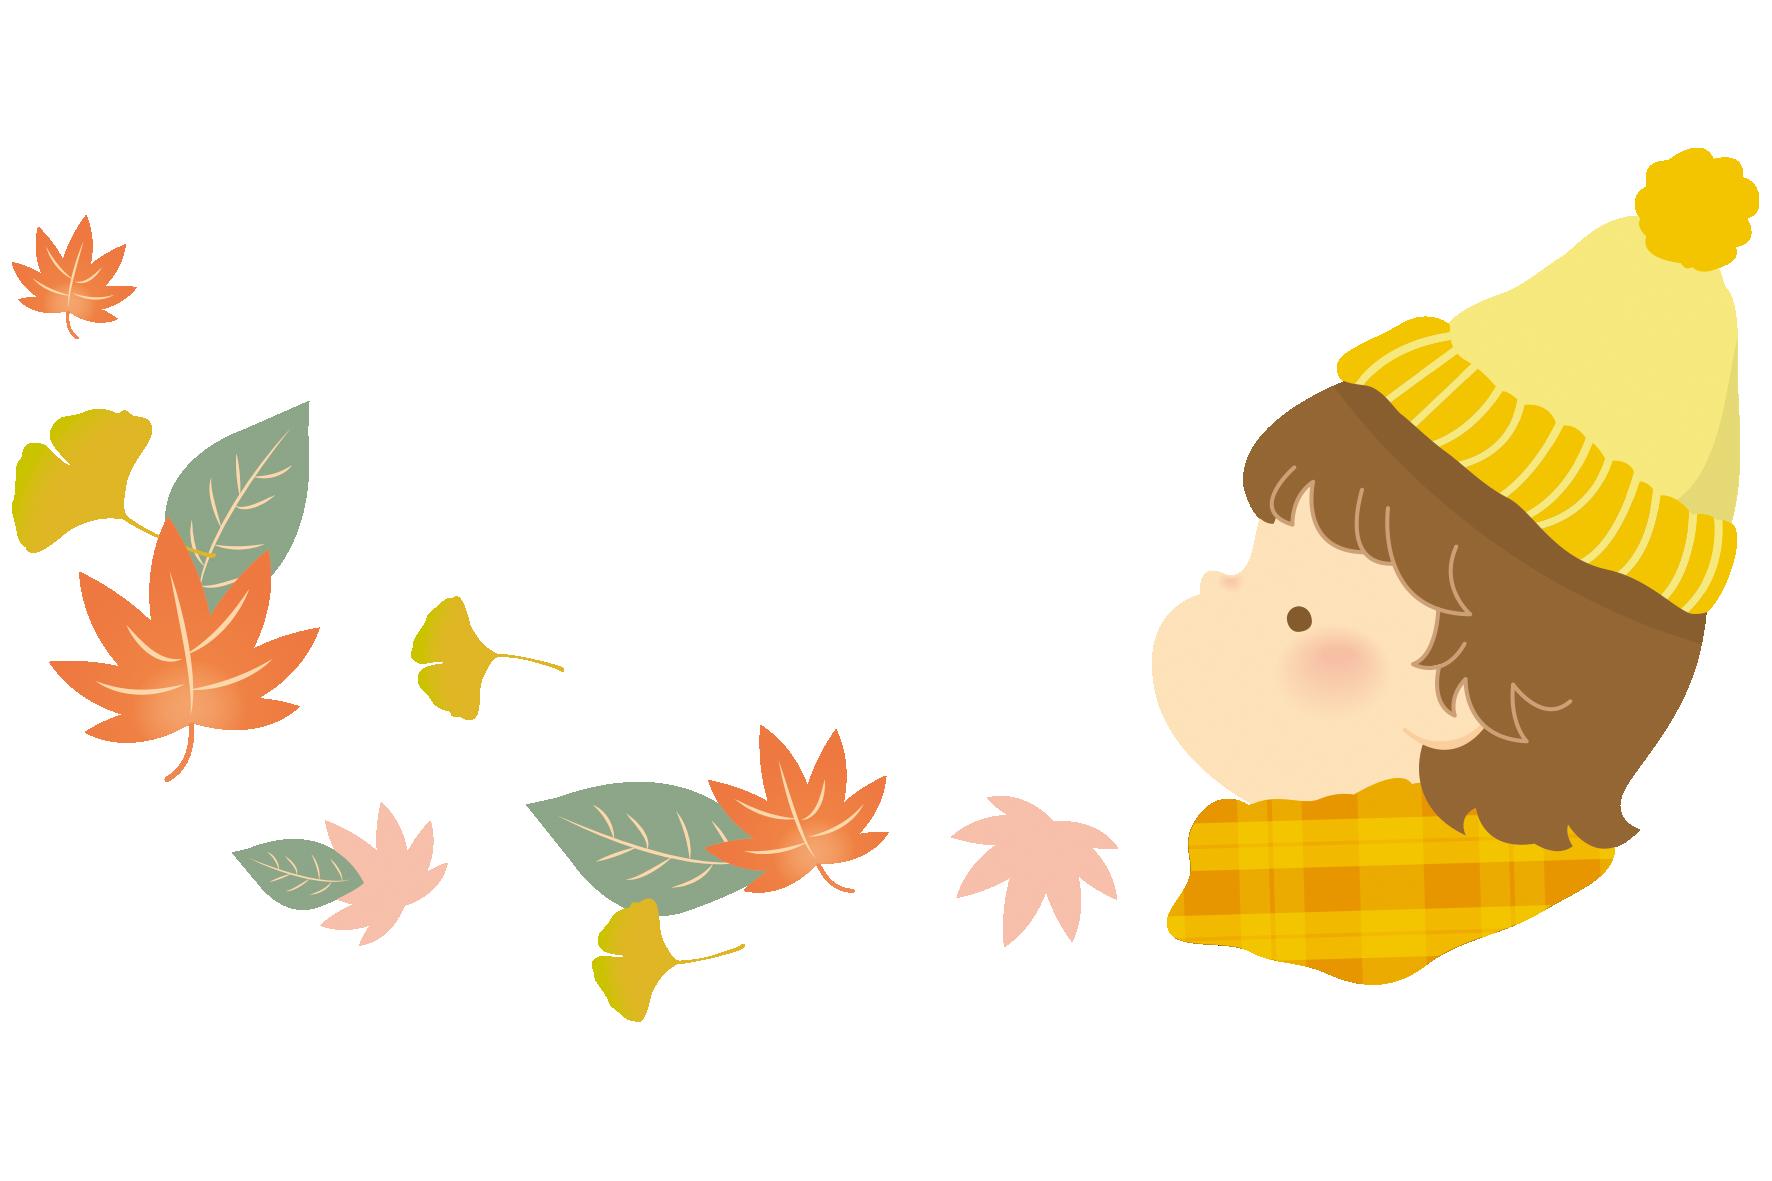 秋」のイラスト一覧 - 無料イラスト愛